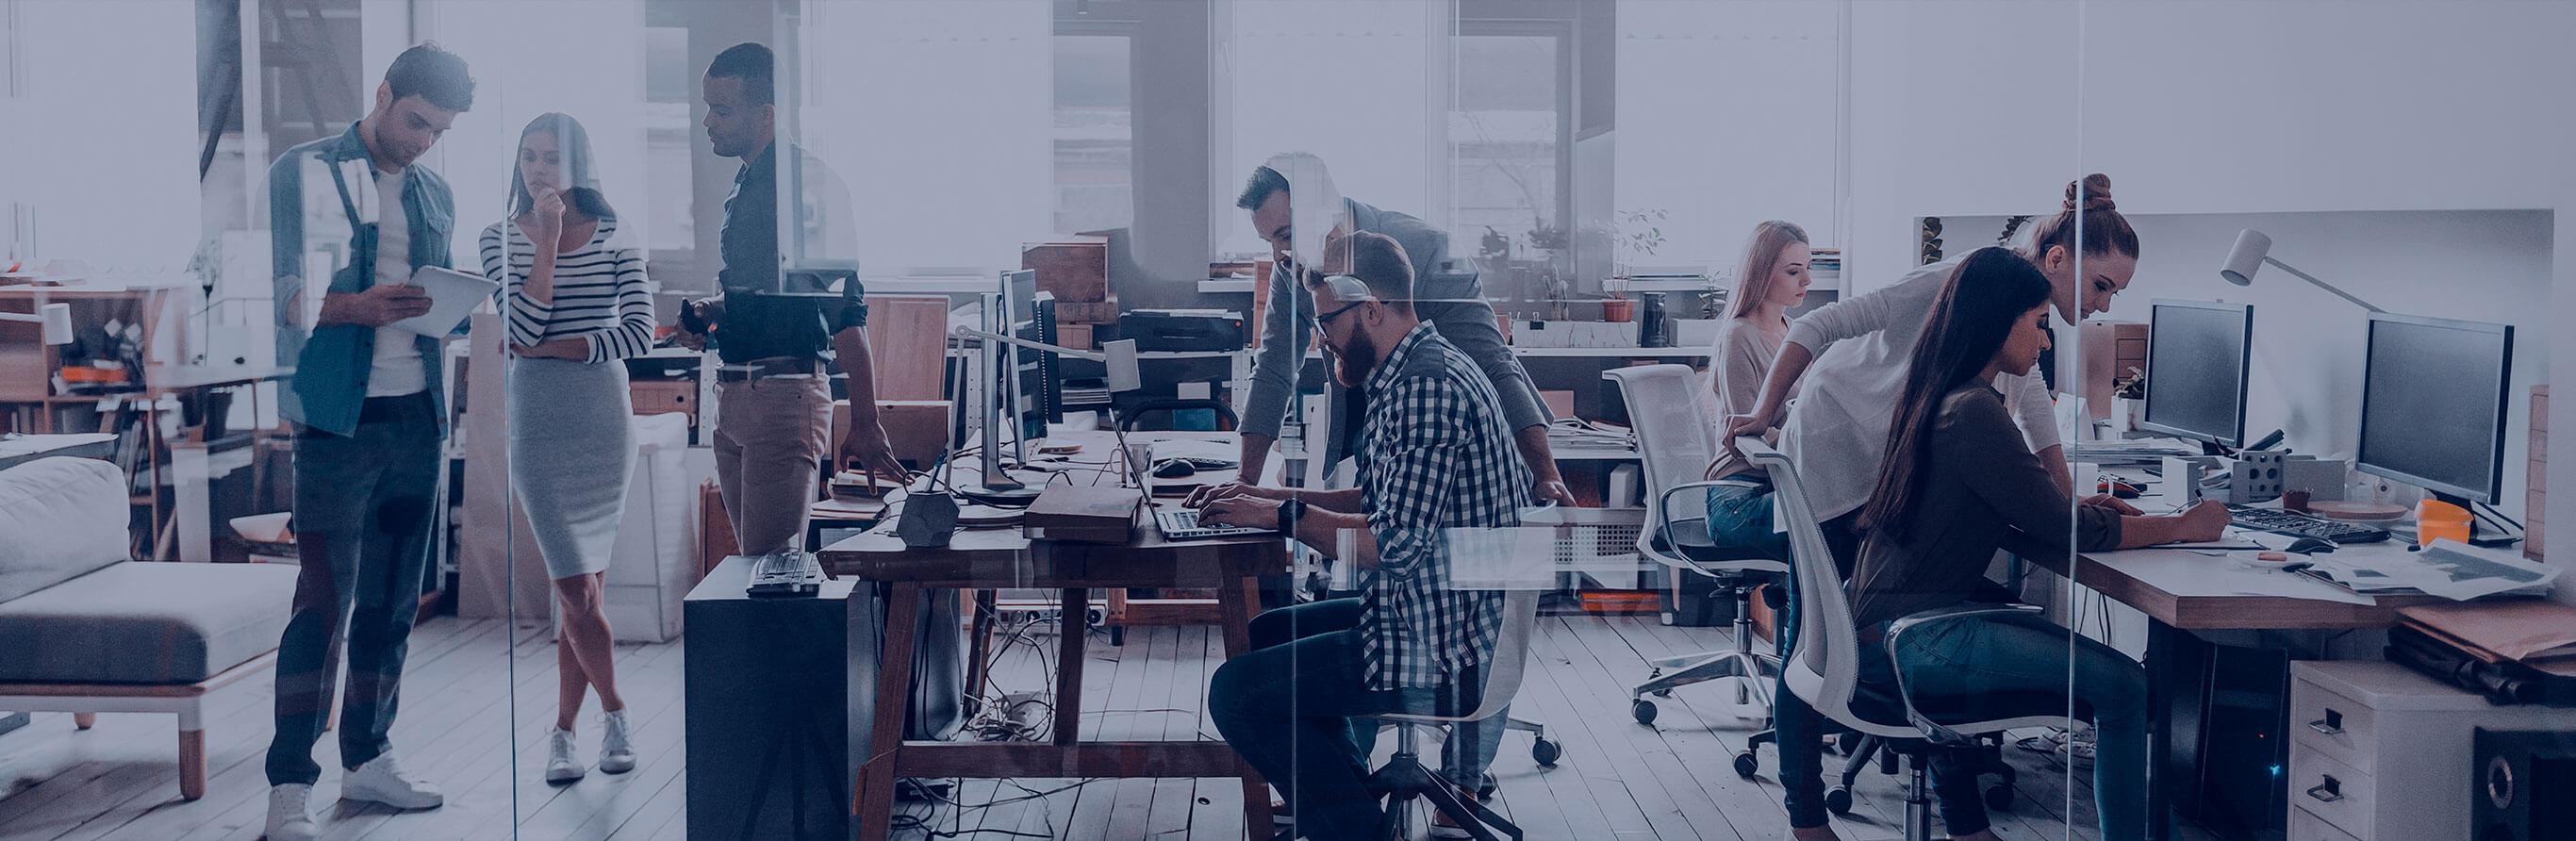 Obsługa informatyczna firm Warszawa - outsourcing IT firmy